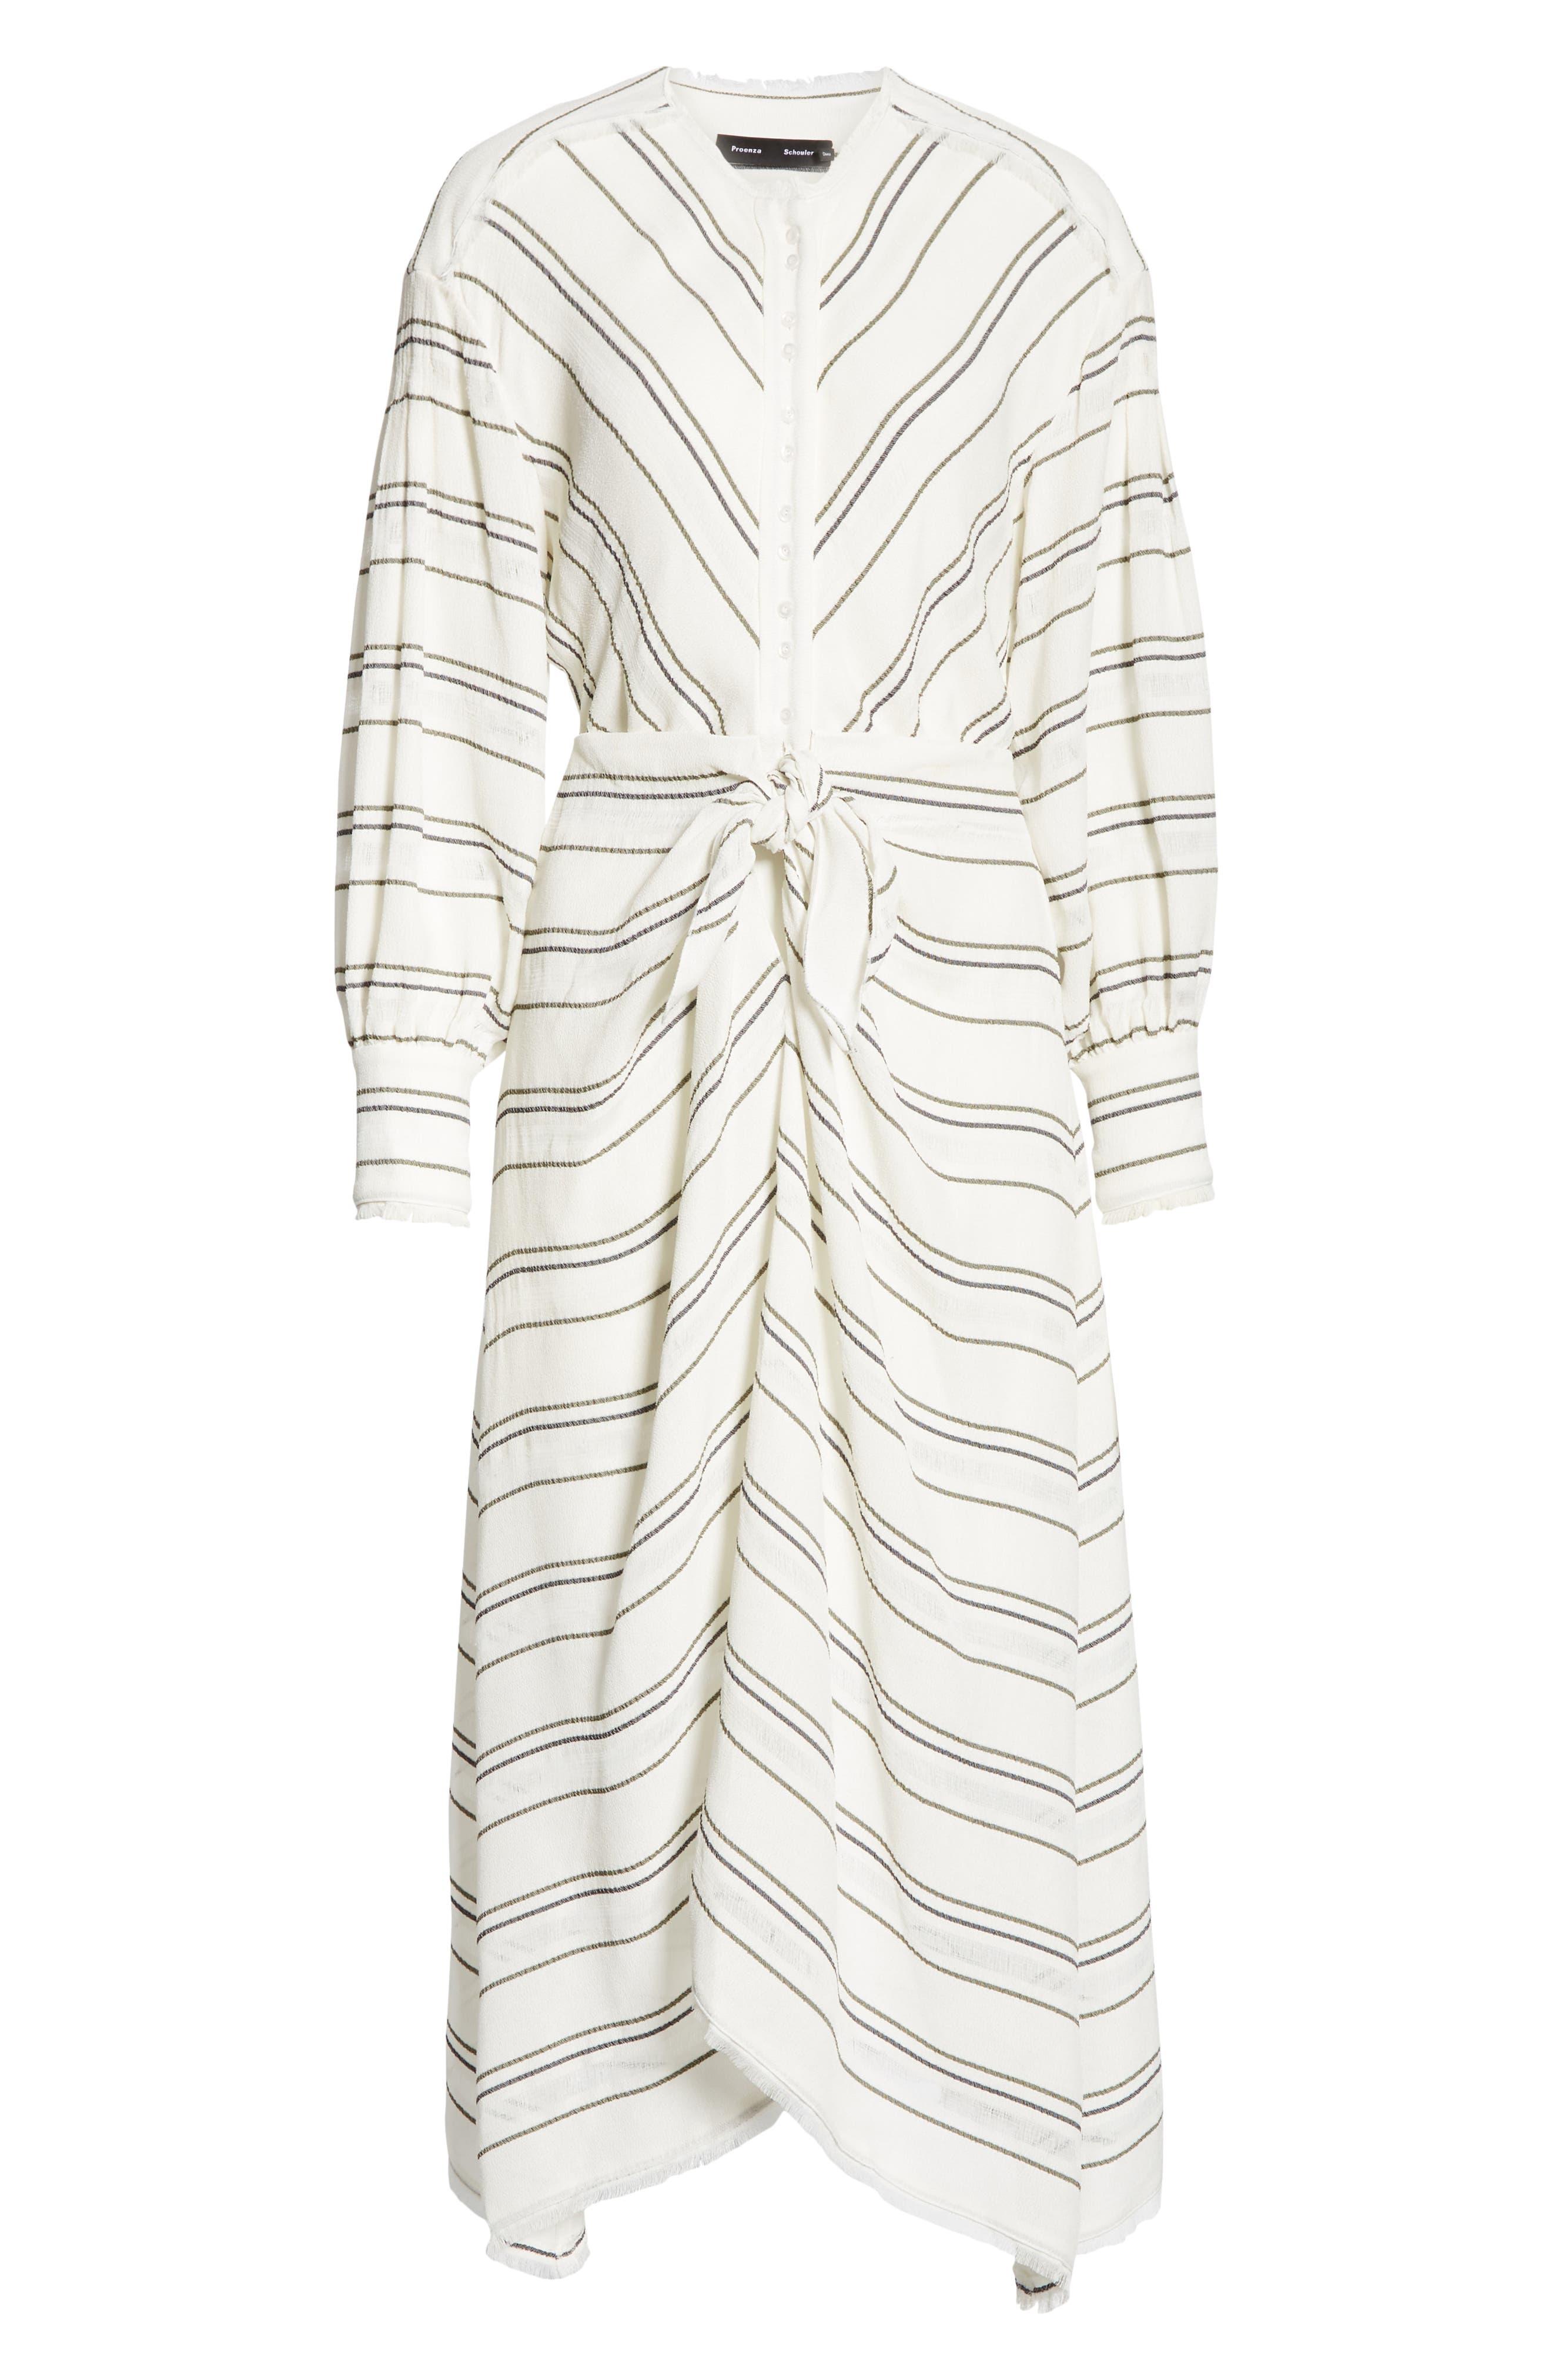 PROENZA SCHOULER, Tie Front Stripe Crepe Dress, Alternate thumbnail 7, color, WHITE